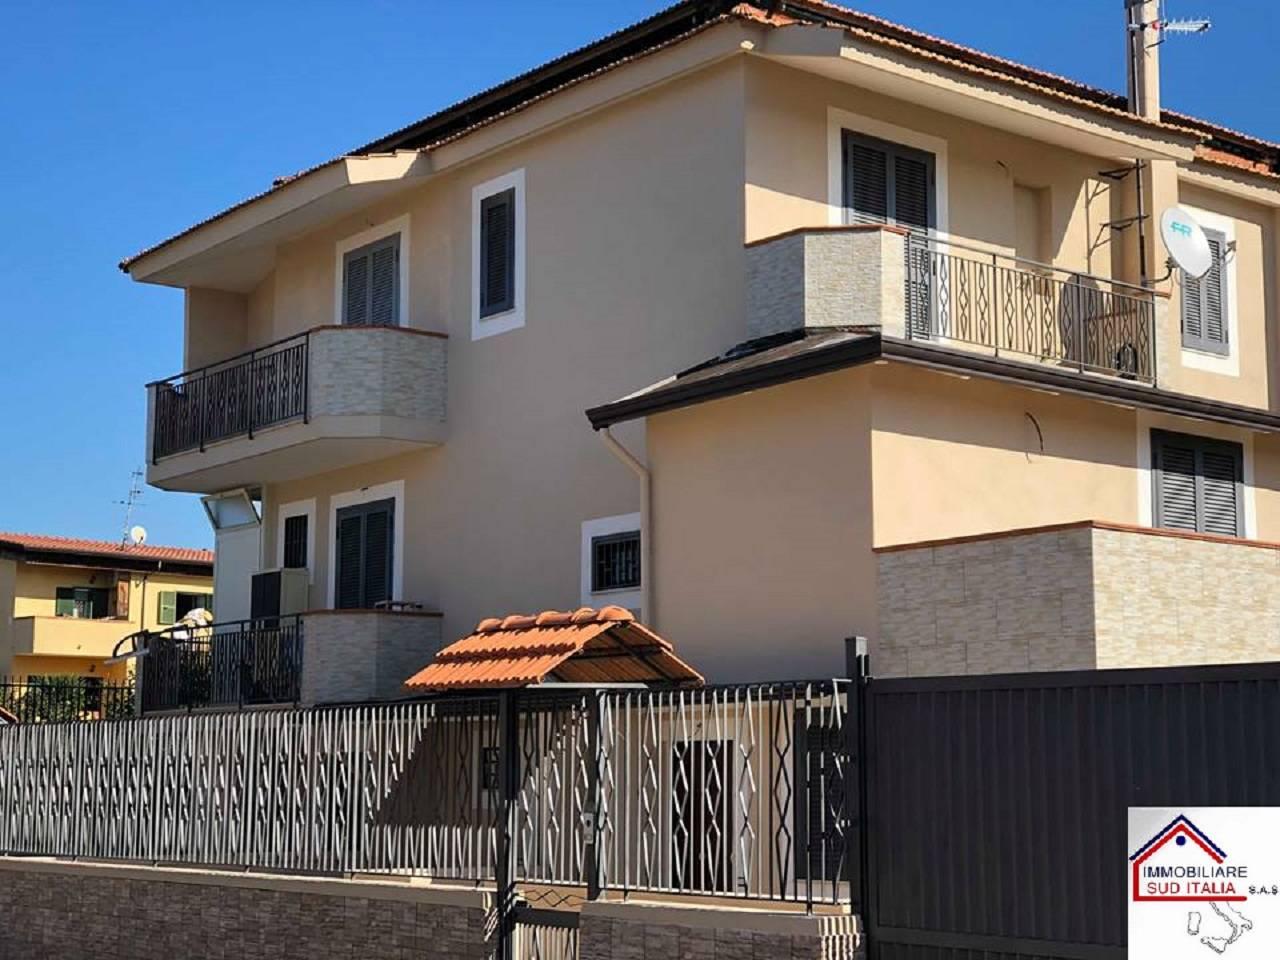 Appartamento in affitto a Giugliano in Campania, 2 locali, zona Zona: Varcaturo, prezzo € 350 | CambioCasa.it